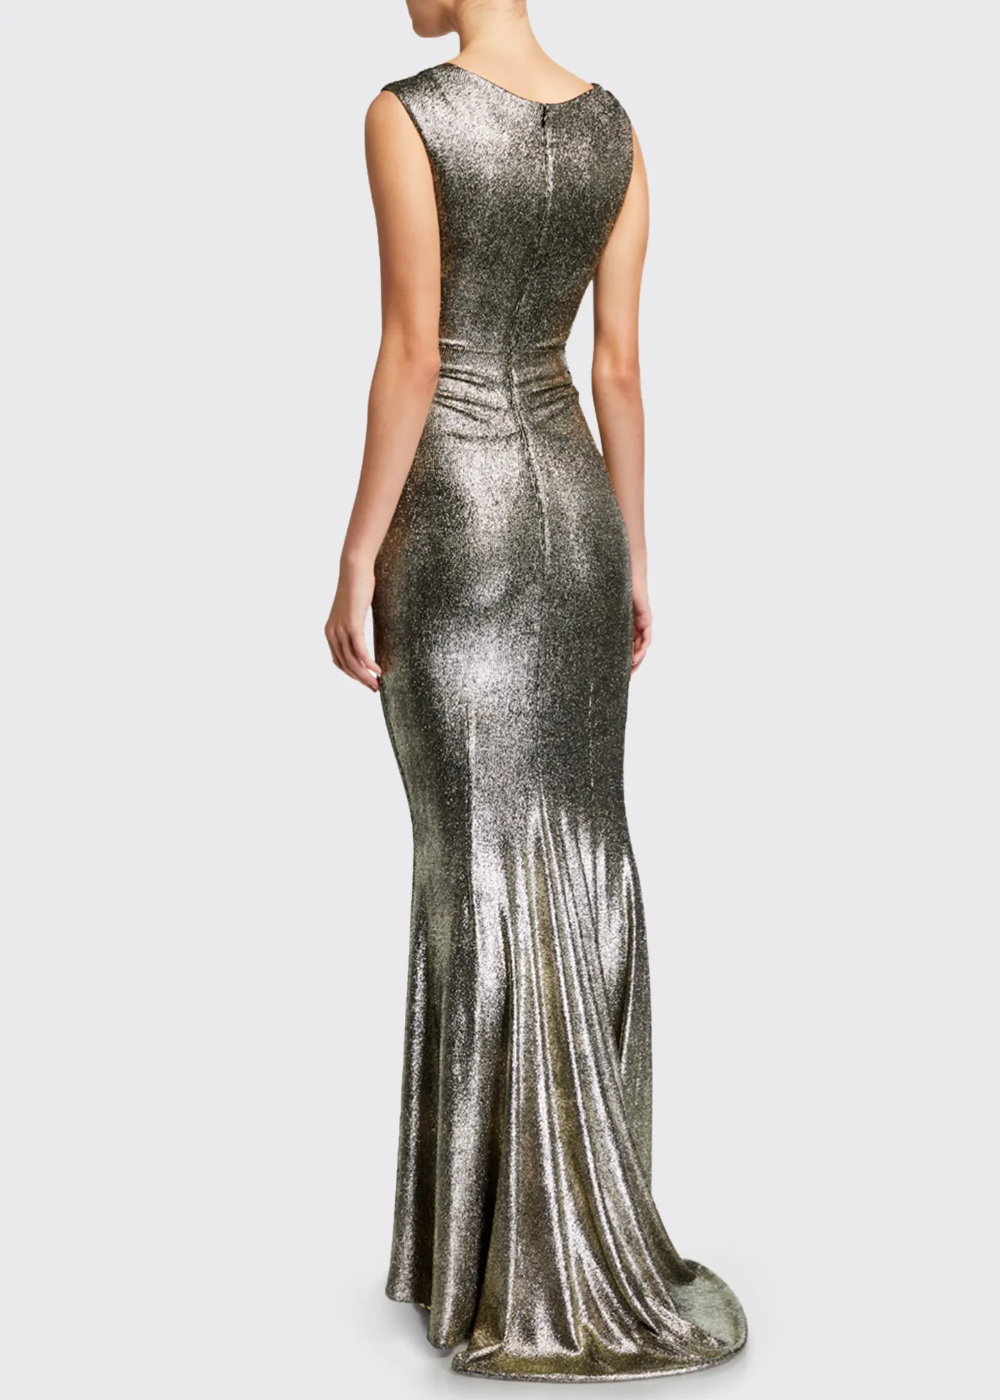 Talbot Runhof Twisted Metallic Jersey Gown Gowns Talbots Talbot Runhof [ 1400 x 1000 Pixel ]